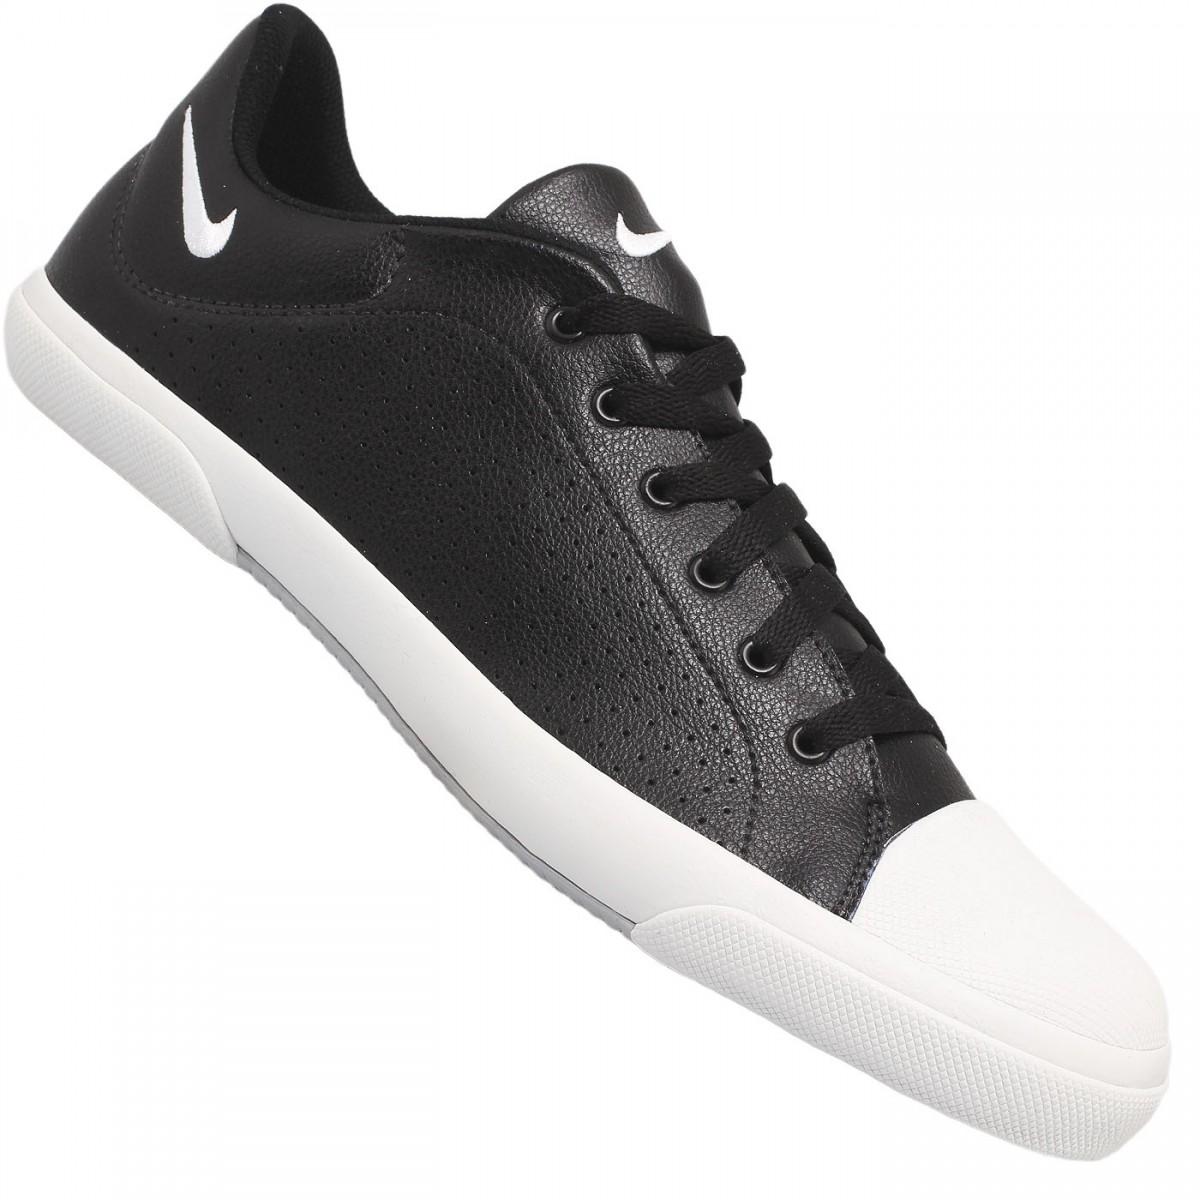 9cb81d57506 Tênis Nike Biscuit 2 SL